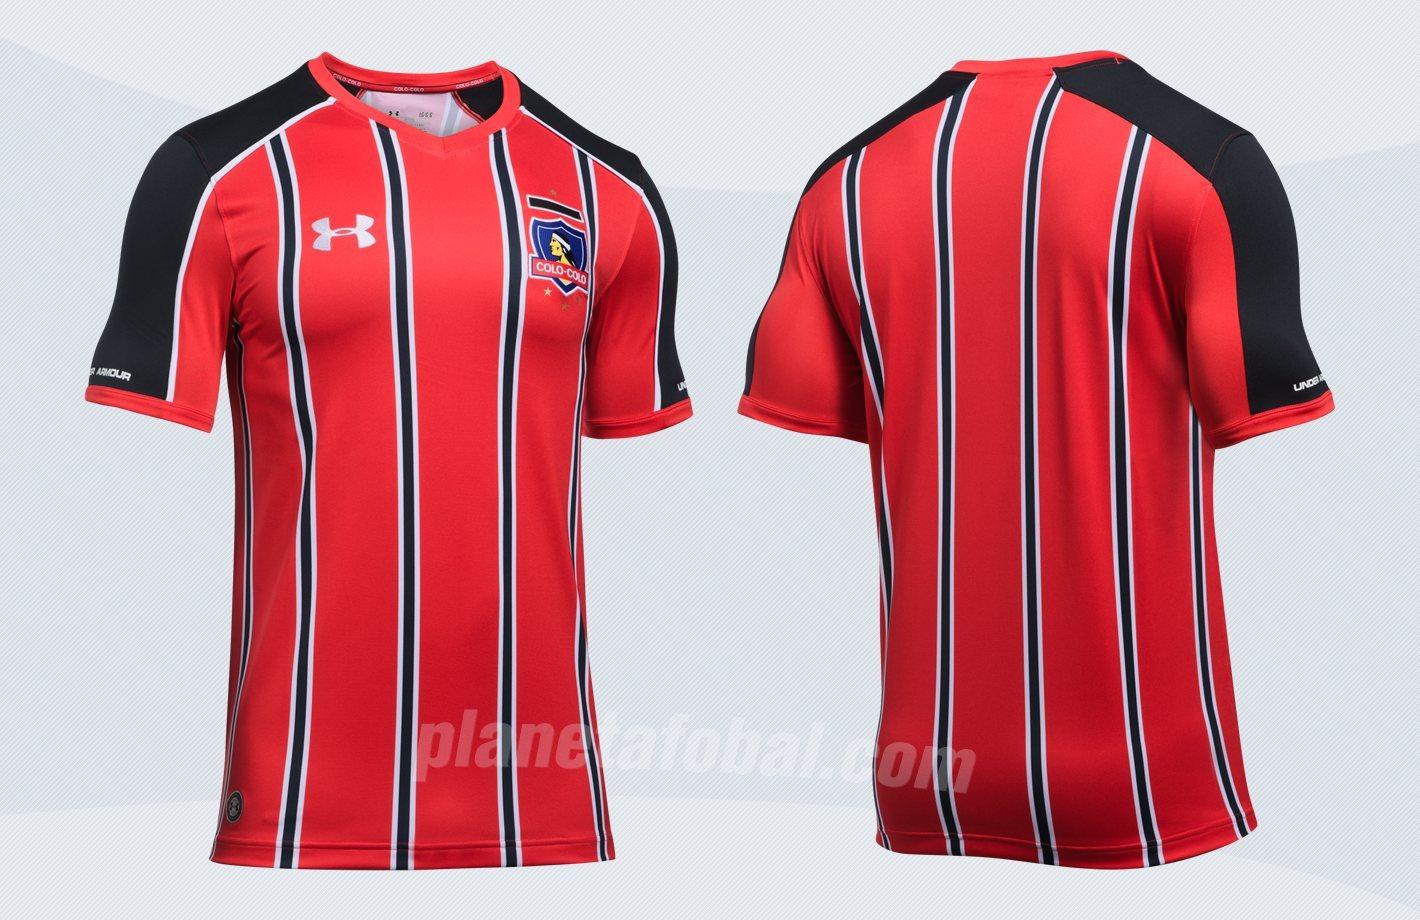 Nueva camiseta del Colo-Colo | Imágenes Under Armour